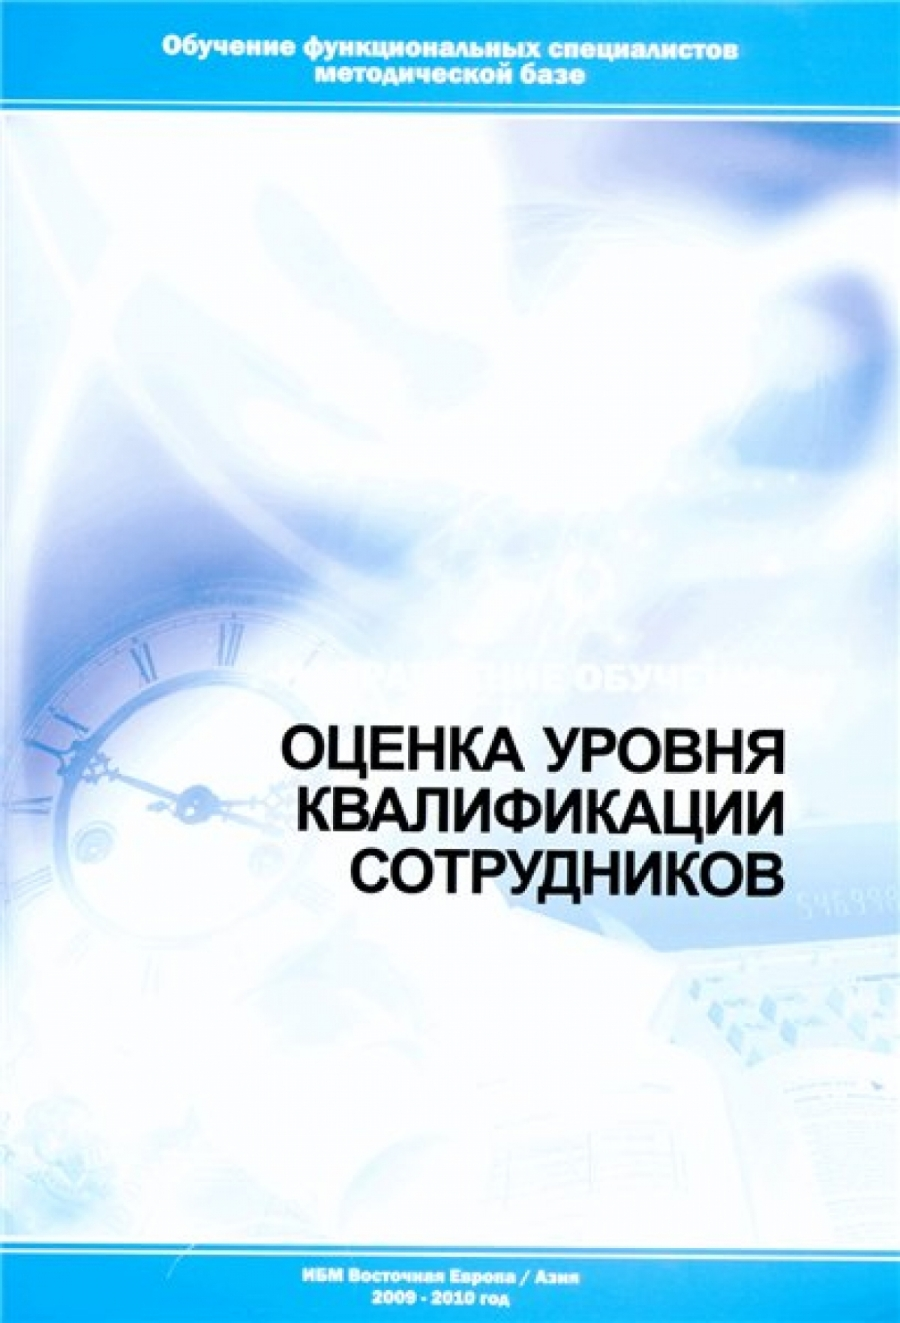 Обложка книги:  оценка уровня квалификации сотрудников.